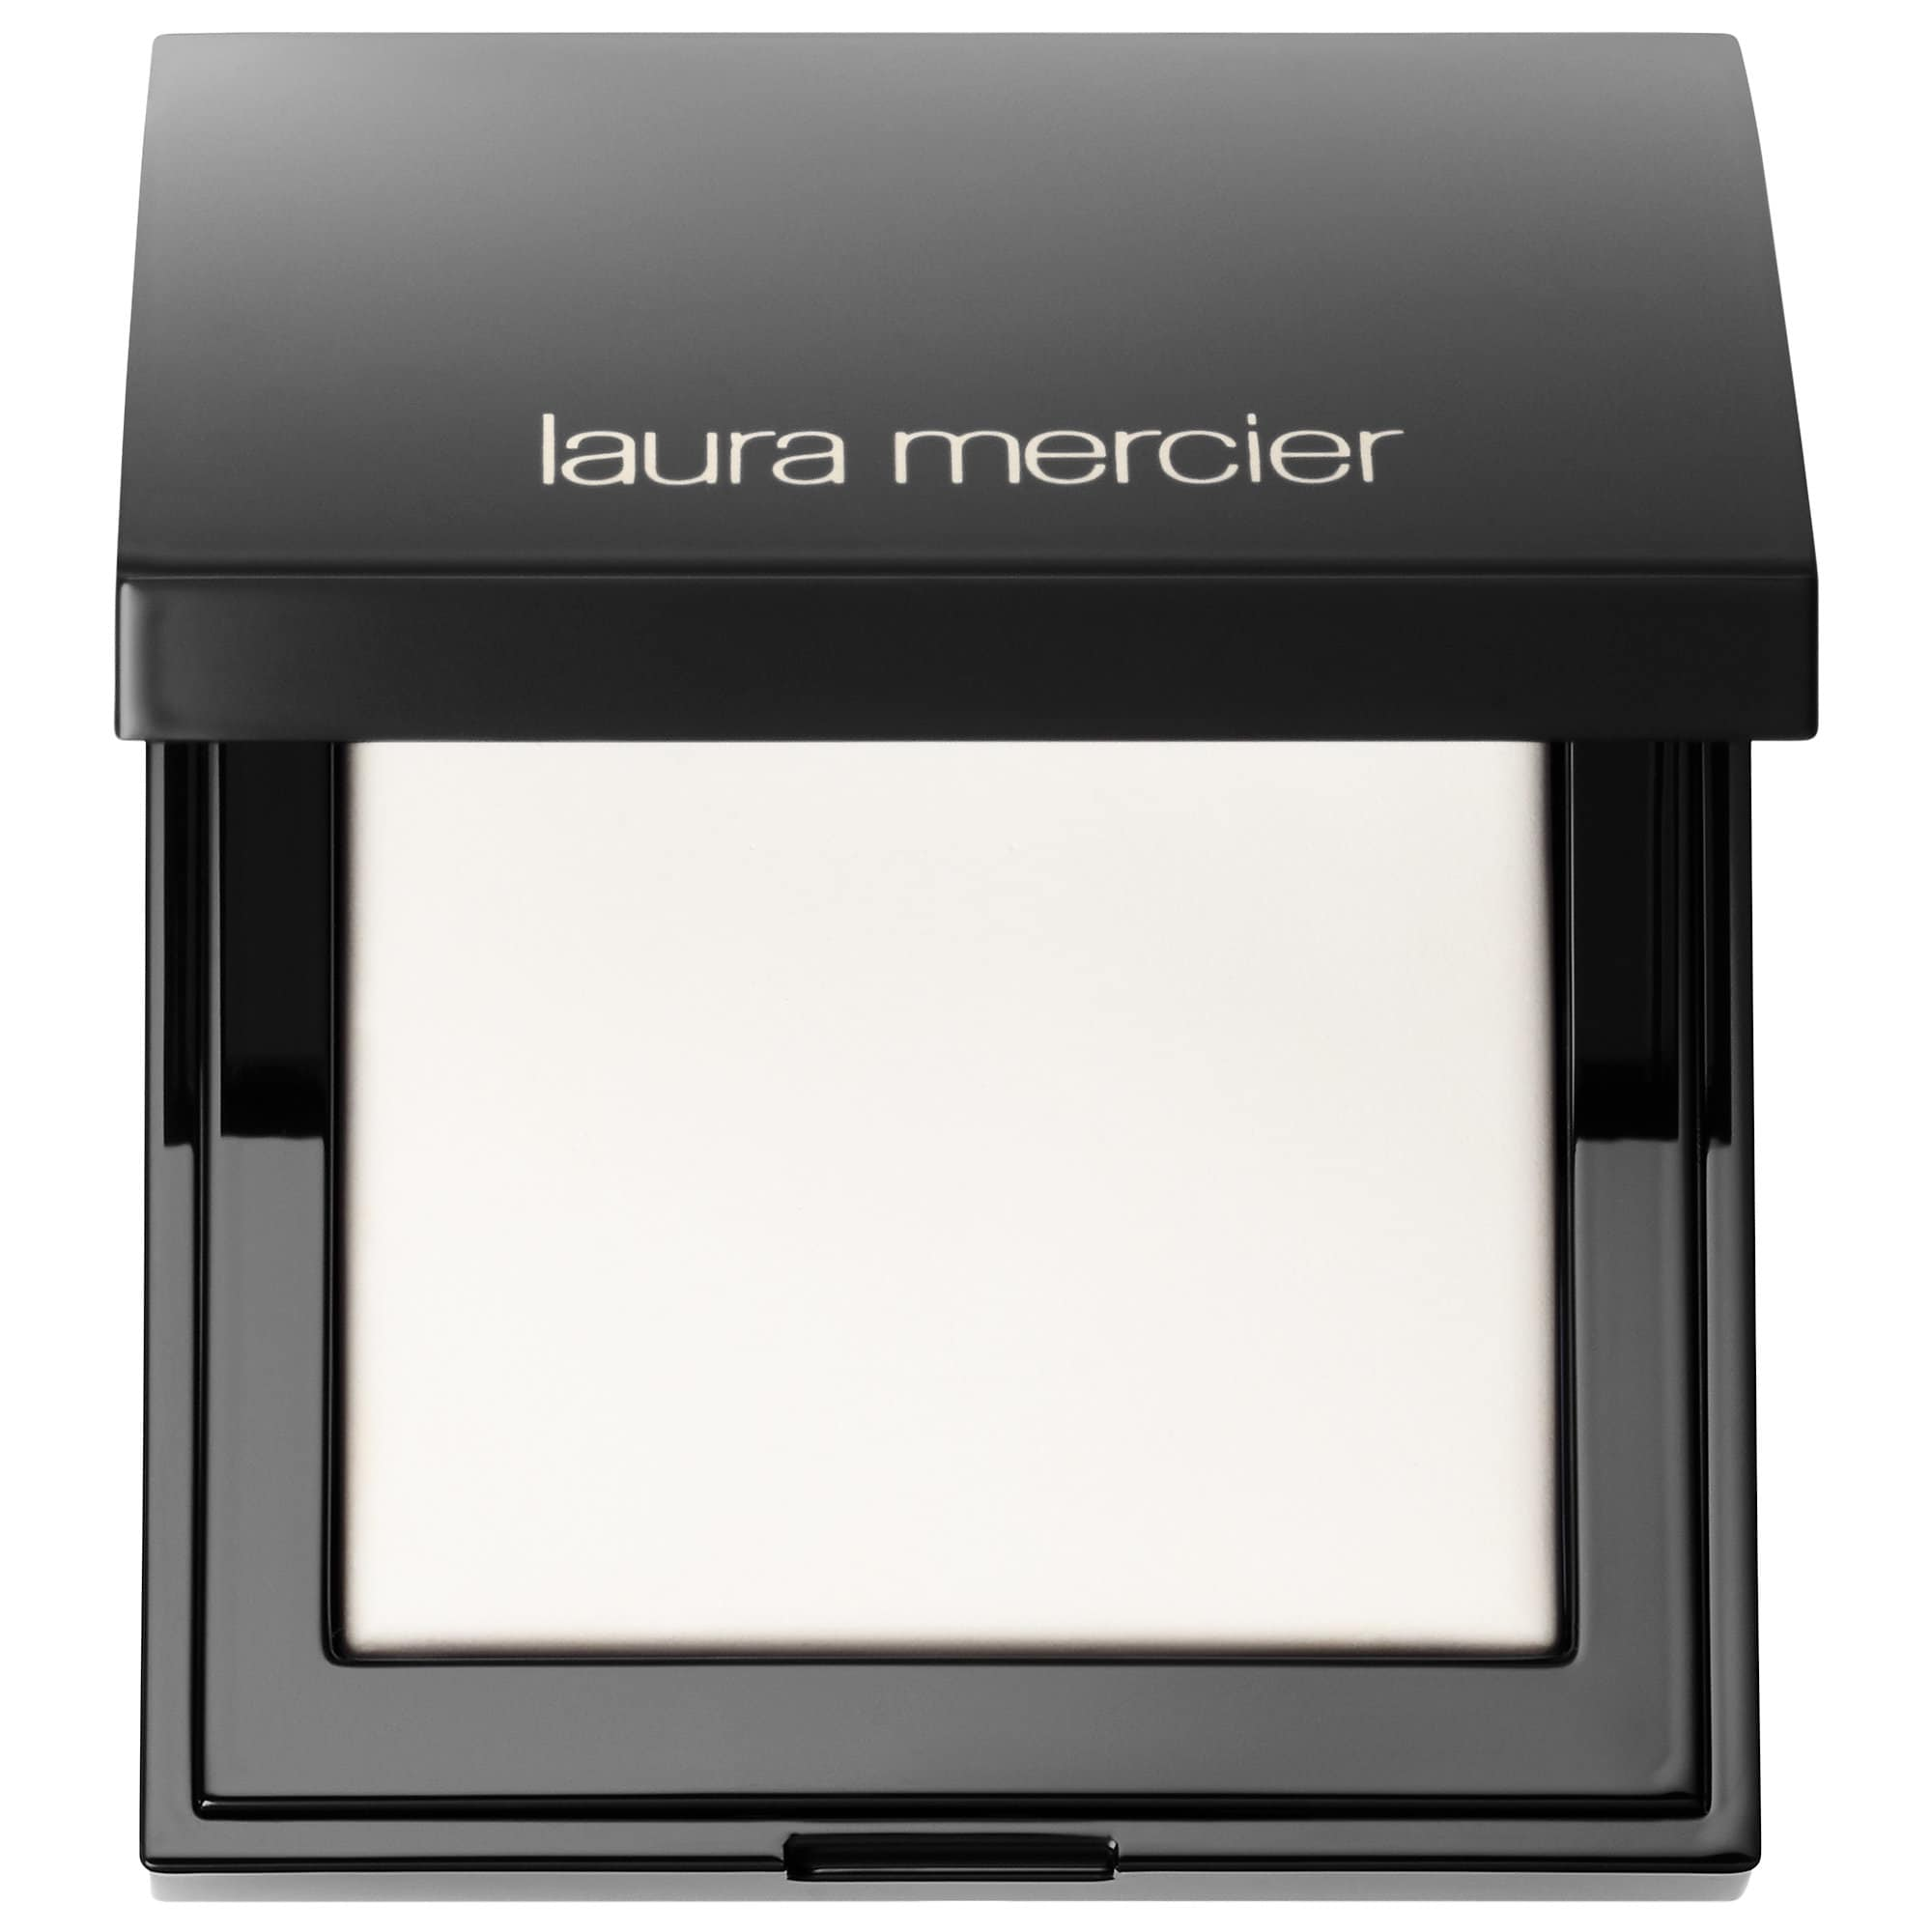 Laura mercier купить косметику альфа липоевая кислота в косметике купить